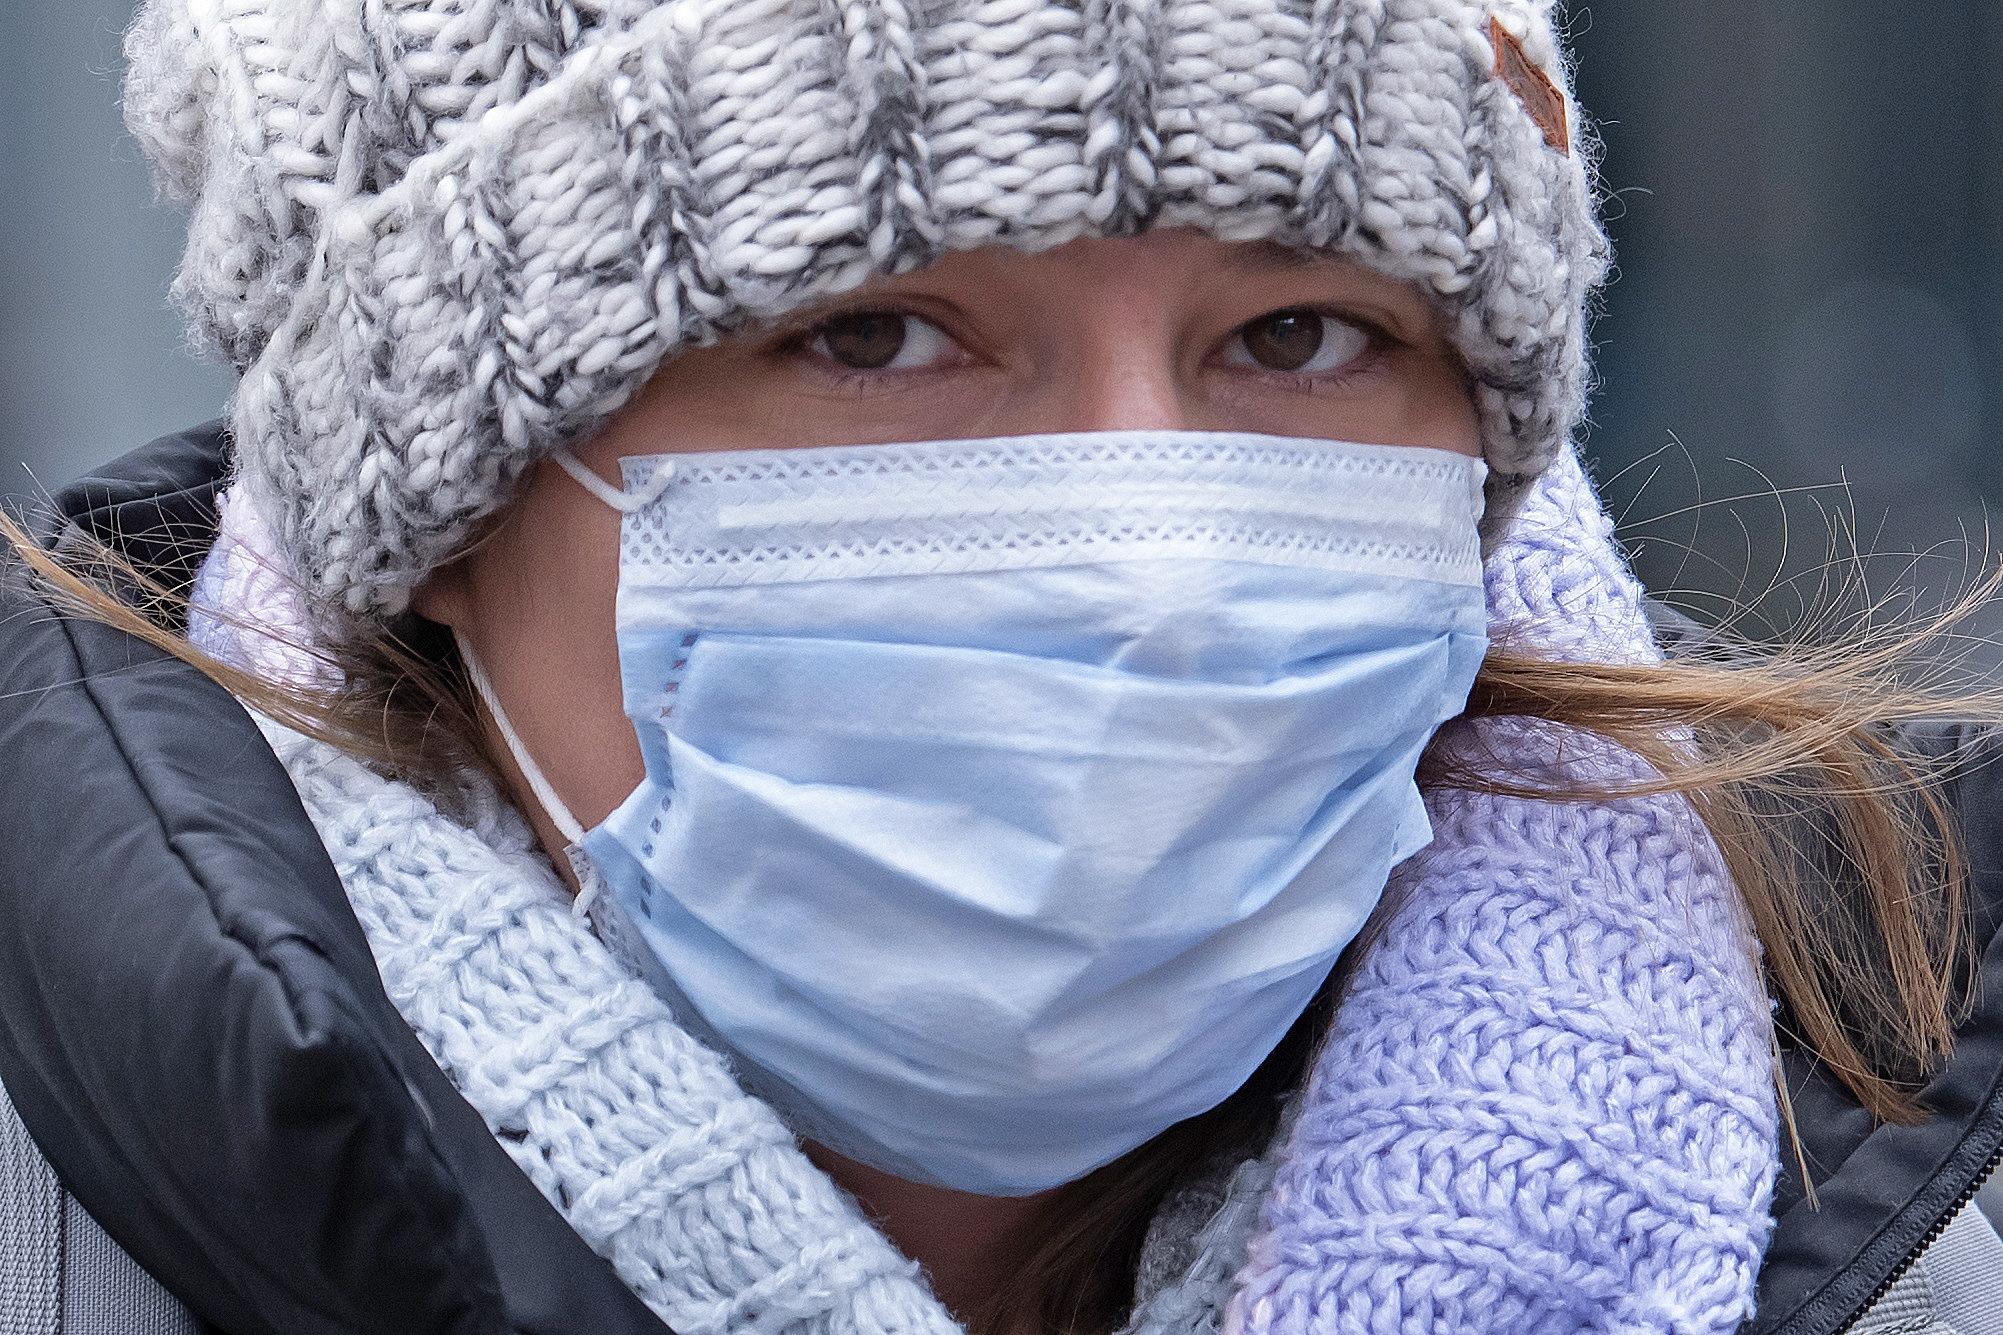 تصویر از ماسک ها می توانند برای افراد ناشنوا، اوتیسمی و آسمی مشکل ساز باشند